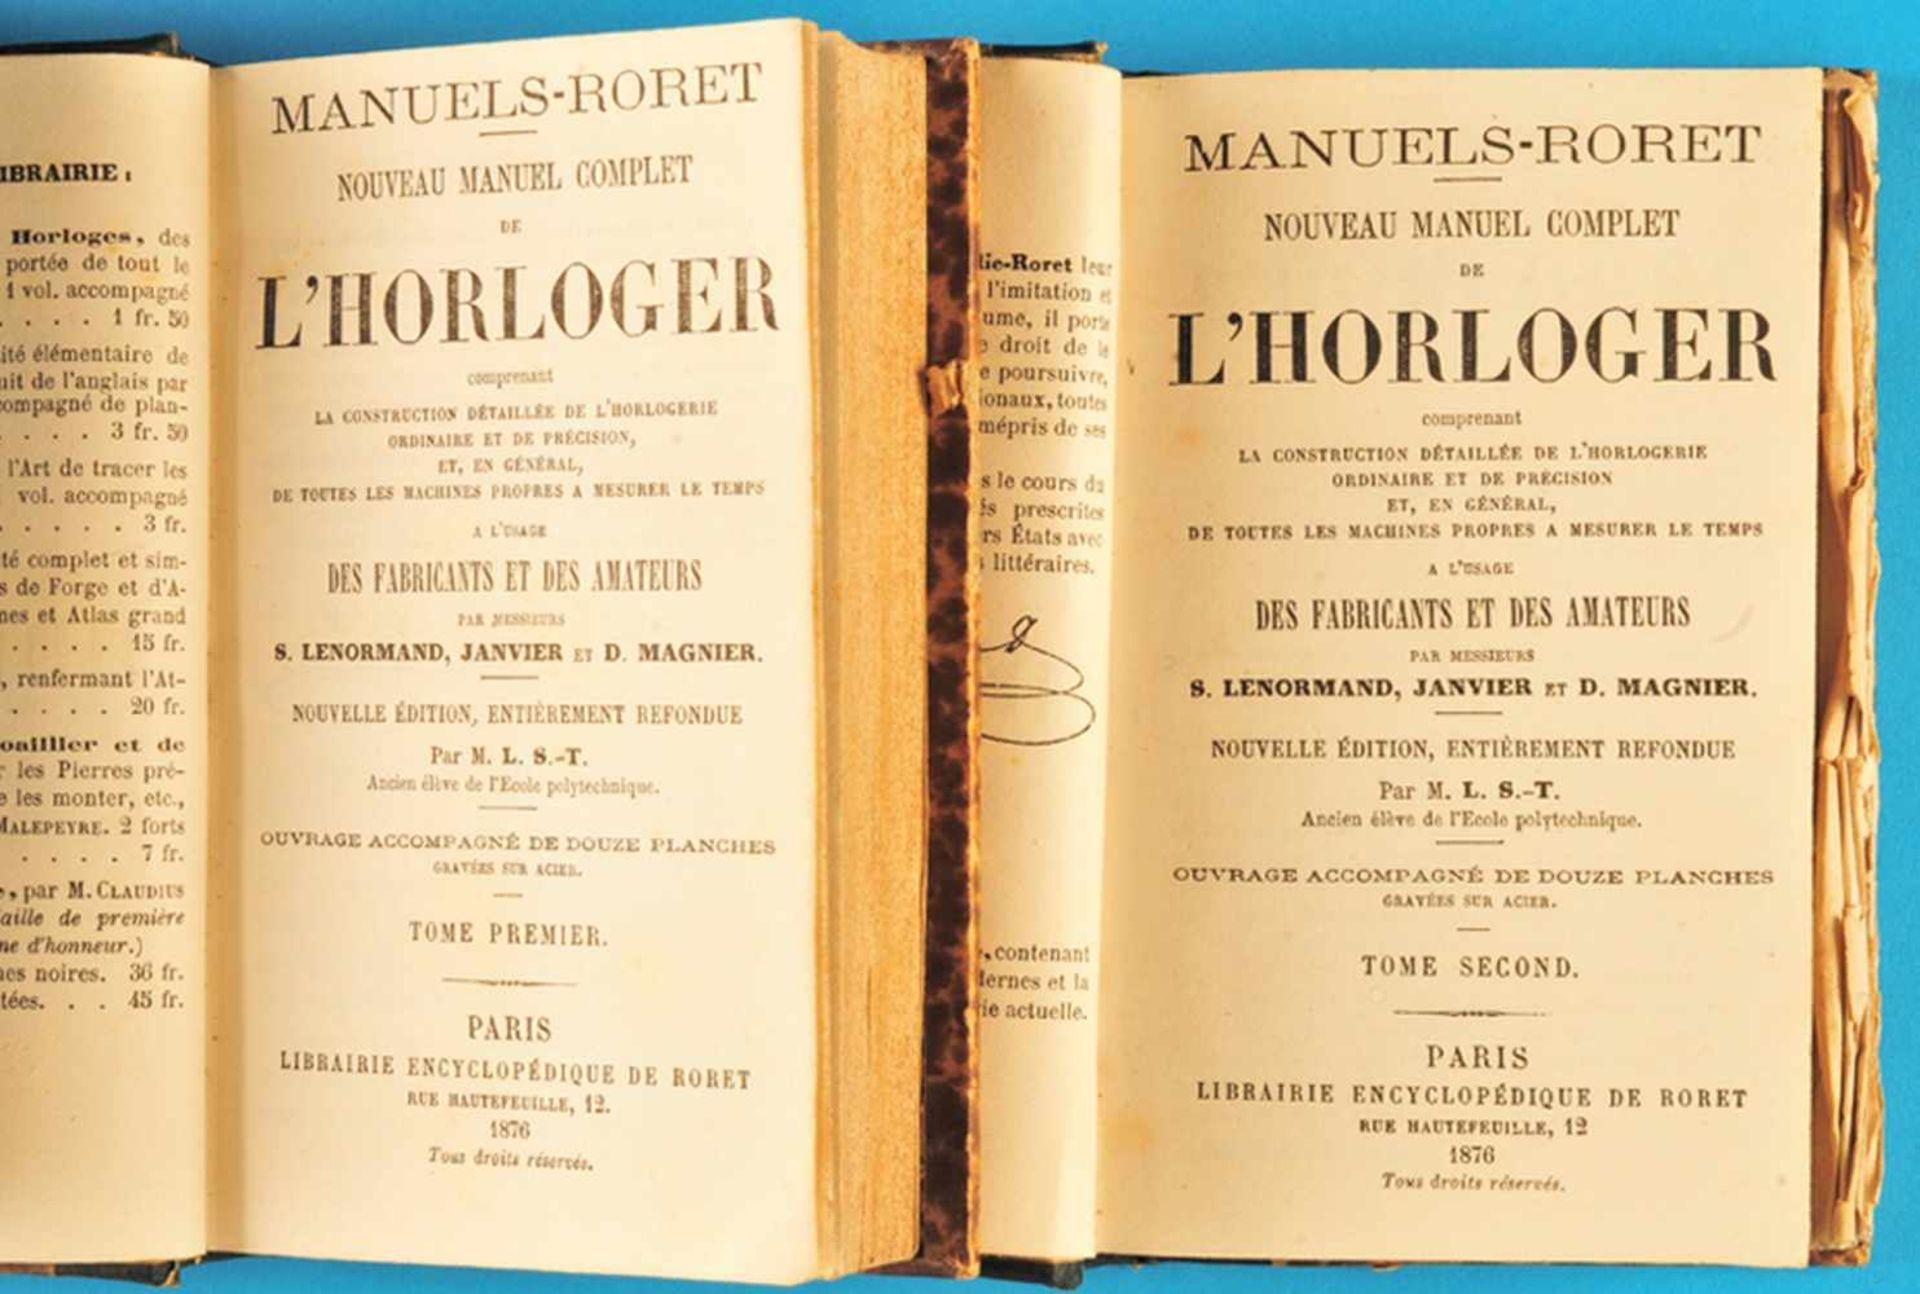 Los 9 - Lenormand / Janvier / Magnier, Encyclopédie-Roret. Horloger, Nouveau Manuel Complet de l'Horloger,